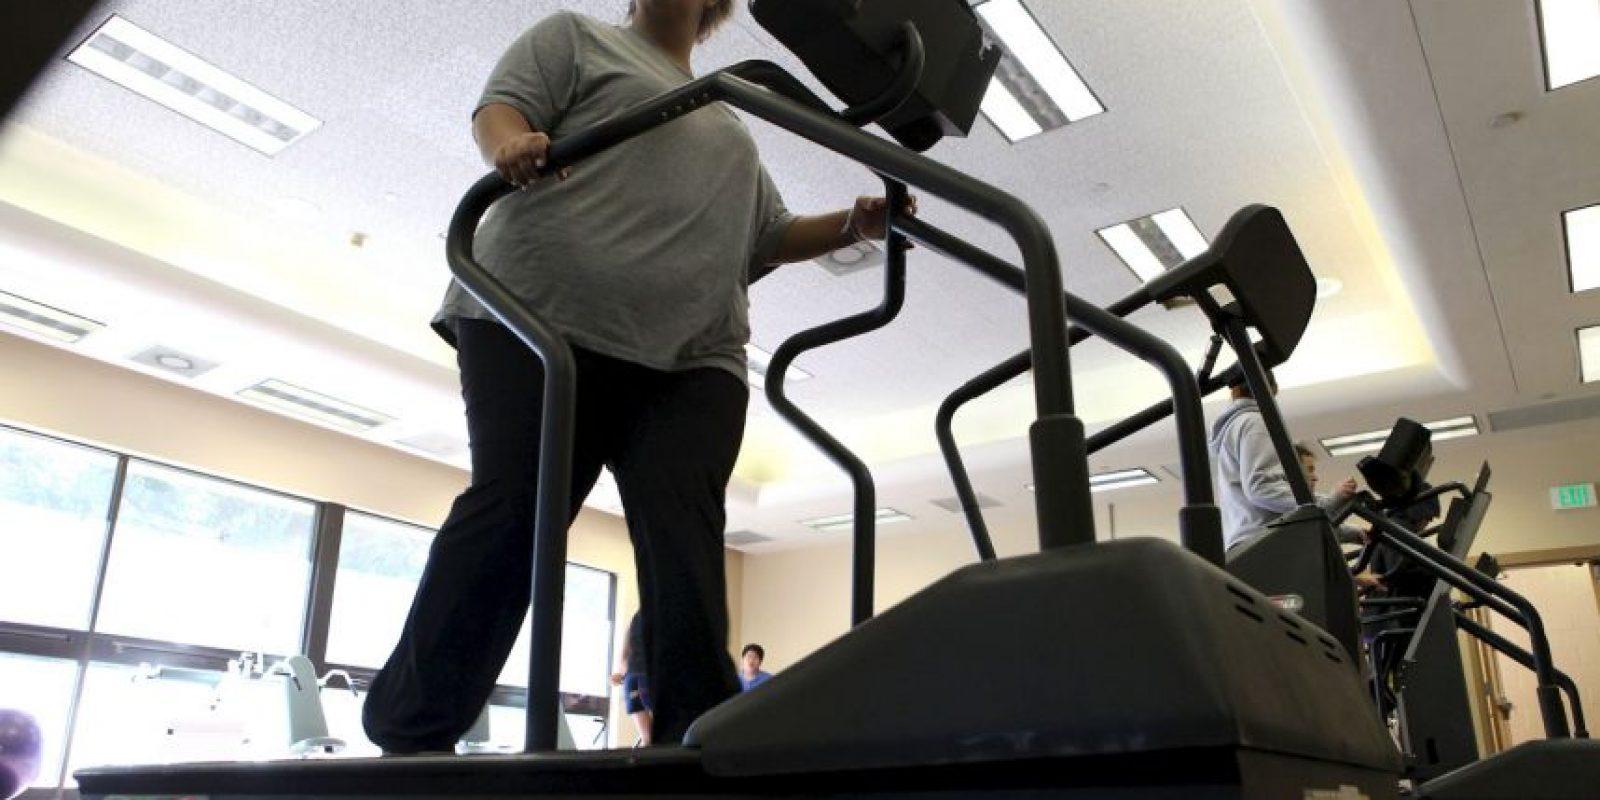 """Al respecto mencionó: """"Yo obtuve grasa, pero después ella nunca se fue"""". Por ello, además de su operación del corazón, decidió someterse a una dieta rigurosa y a una rutina de gimnasio 3 veces por semana. Foto:Getty Images"""